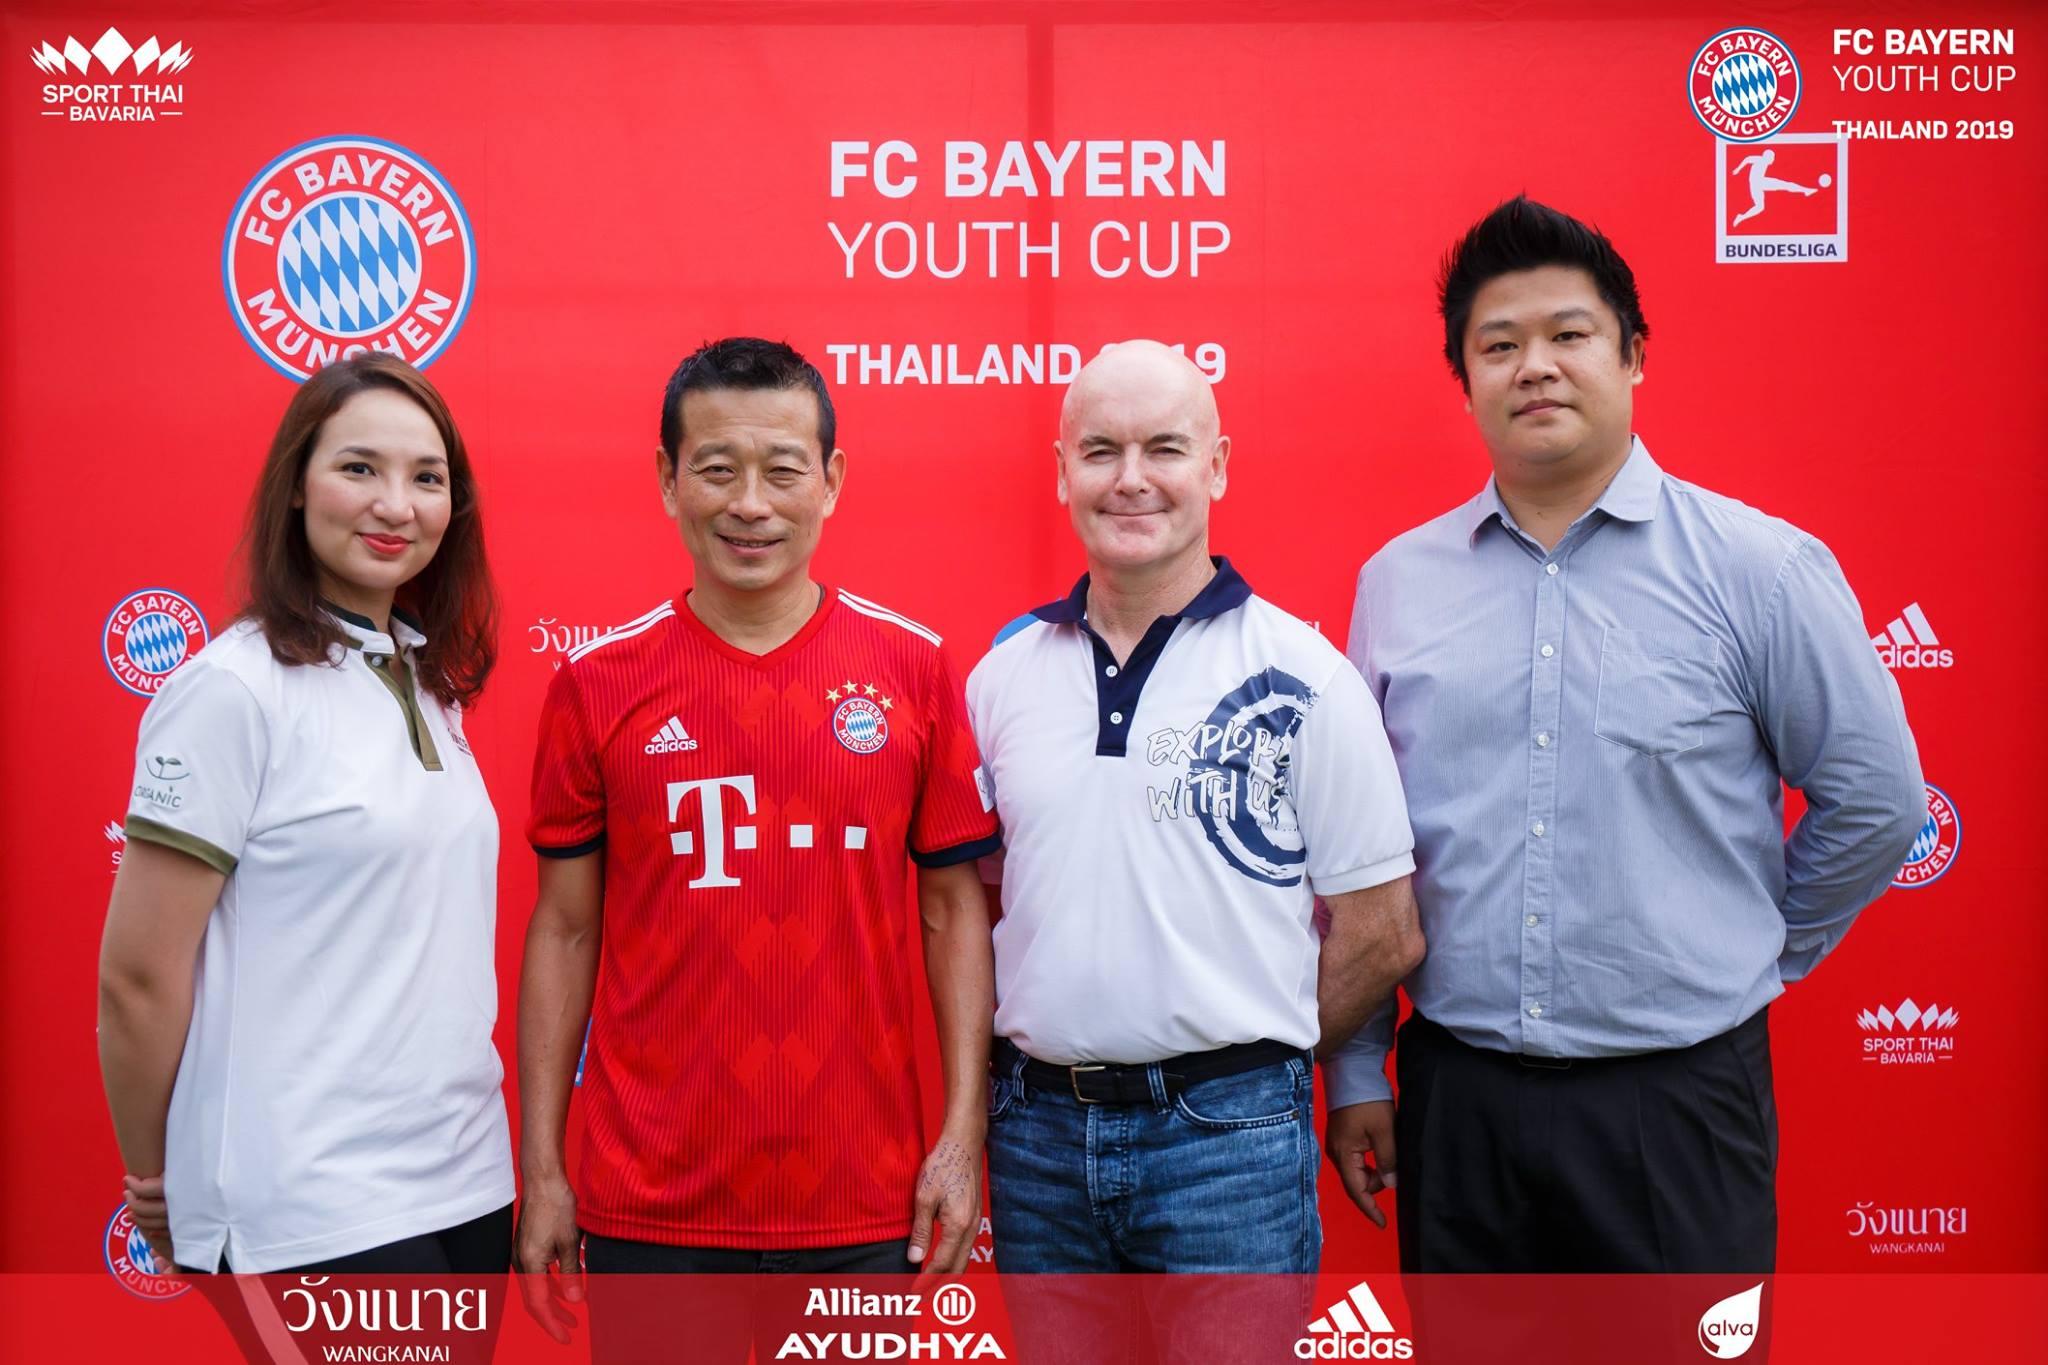 ภาพบรรยากาศการแข่งขันรอบคัดเลือกโครงการ FC Bayern Youth Cup 2019 ที่สนามมหาวิทยาลัยกรุงเทพธนบุรี จังหวัด กรุงเทพมหานคร